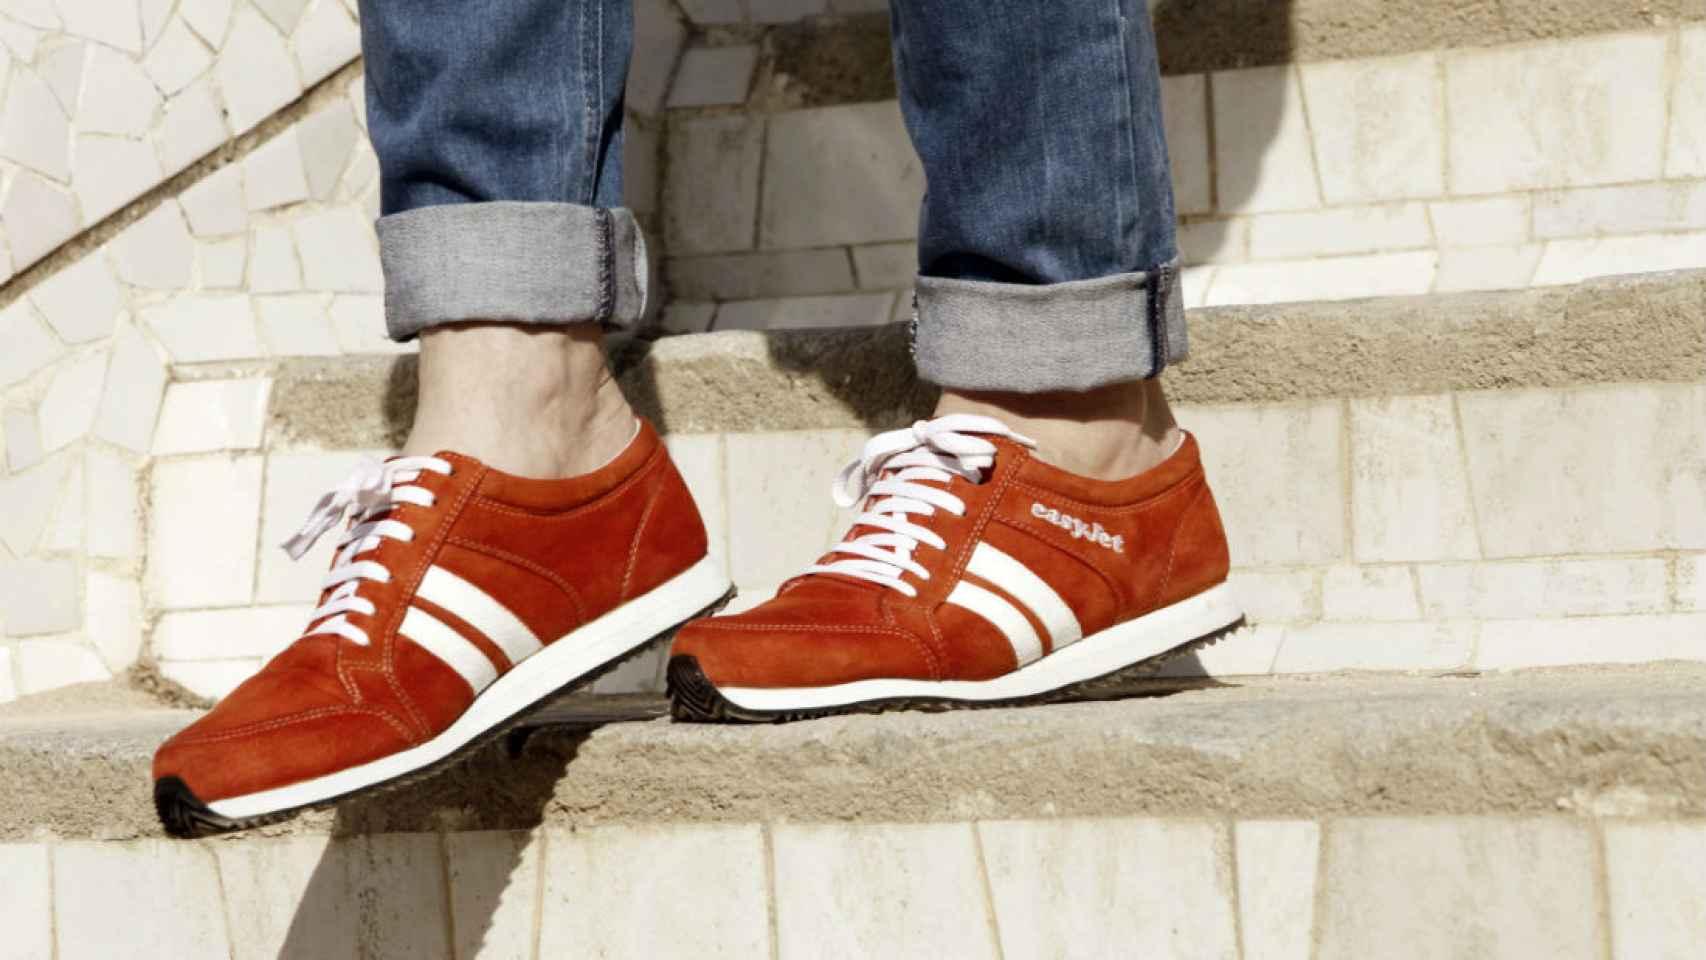 Caminar, pasear, andar... con las zapatillas conociendo el camino.